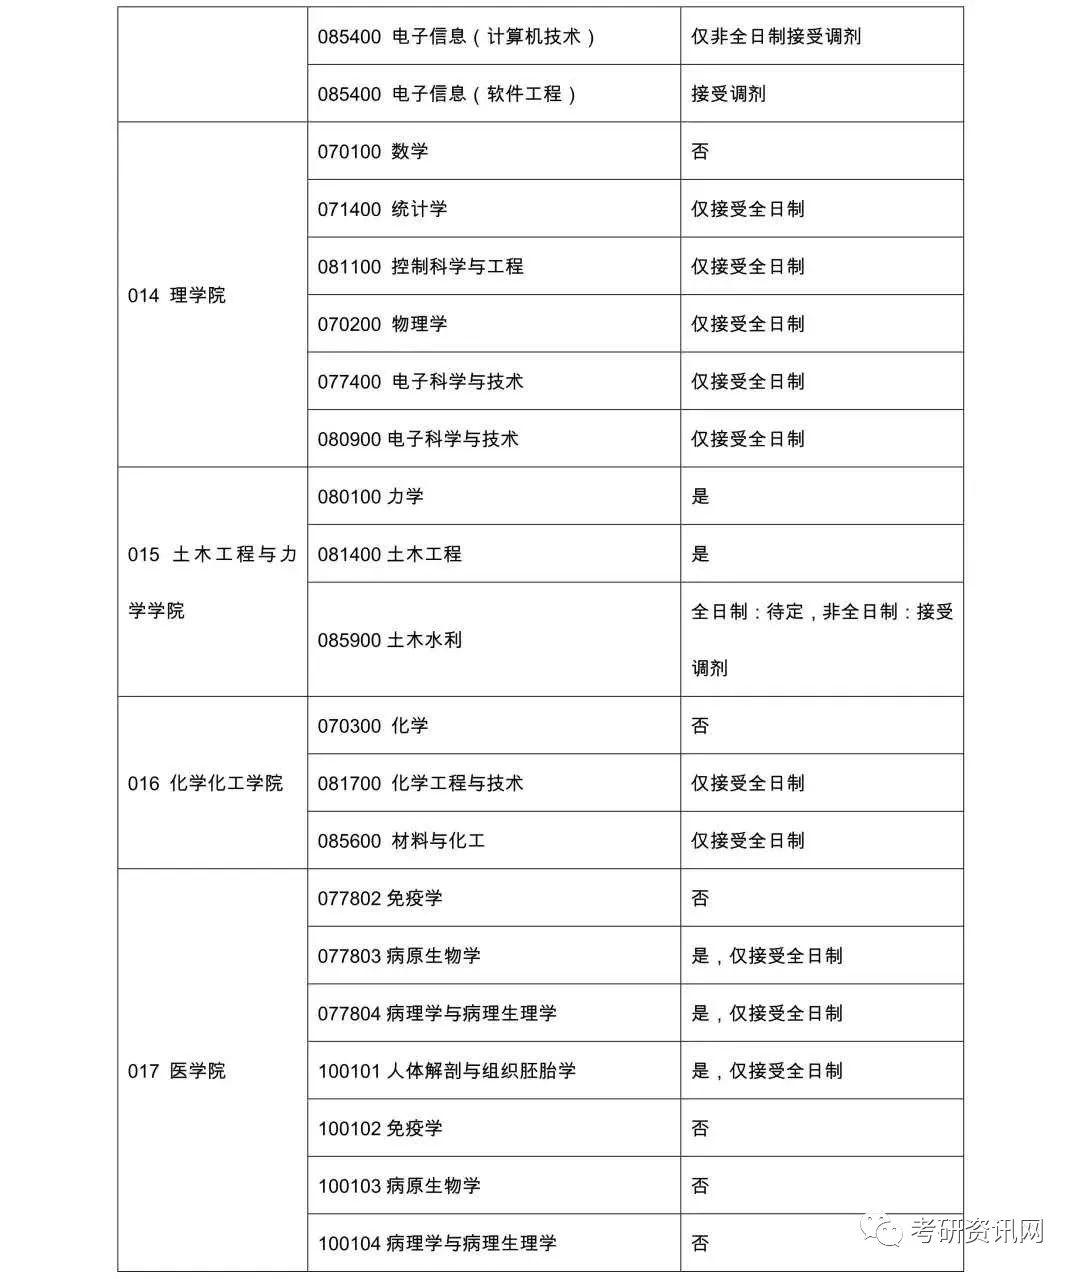 沈阳医学院2020年考研复试分数线发布通知-考研-考试吧